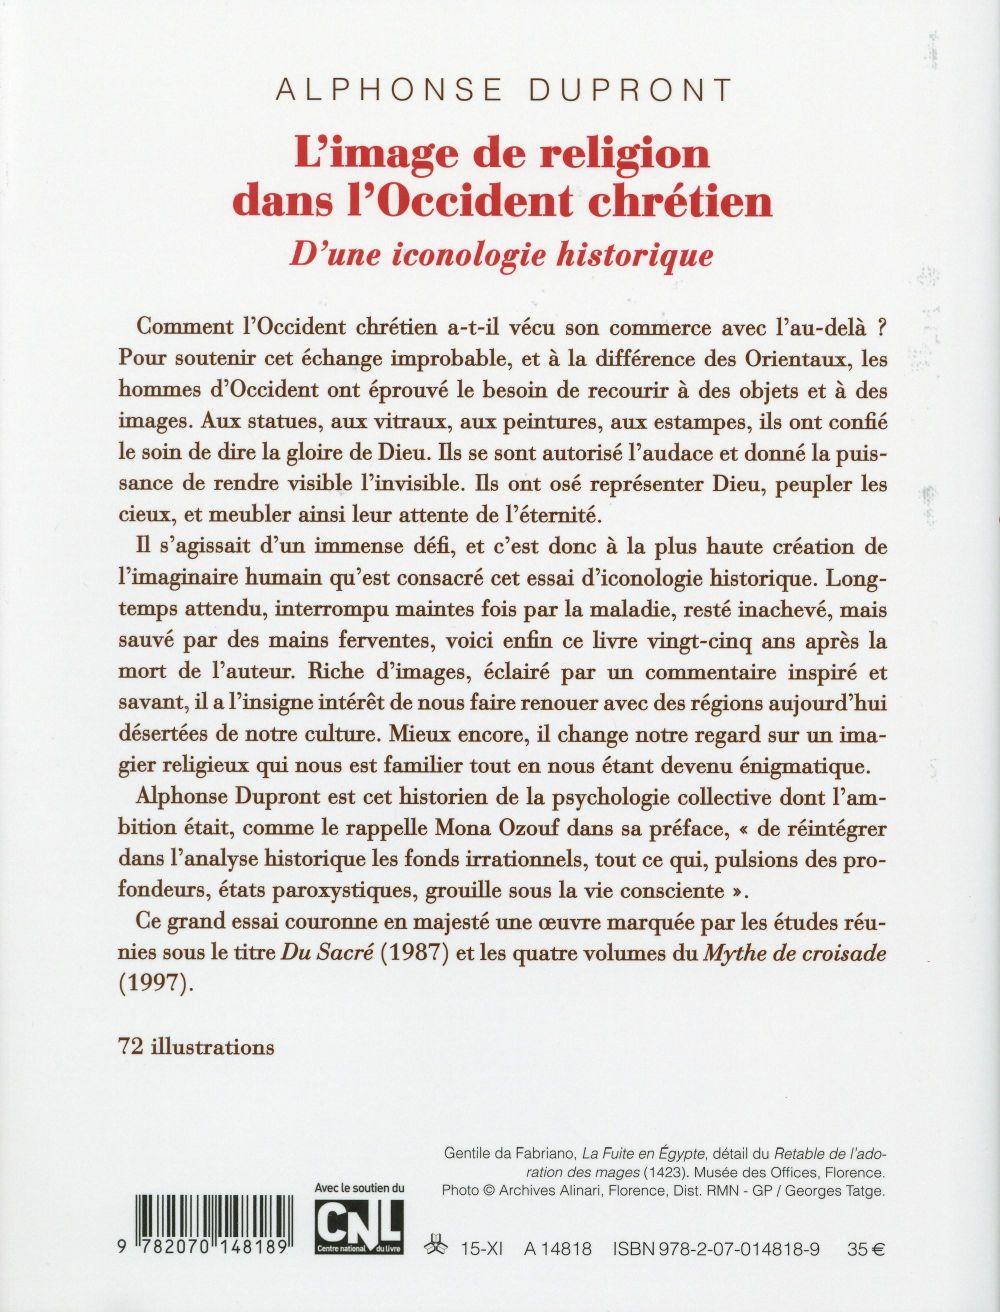 l'image de religion dans l'Occident chrétien